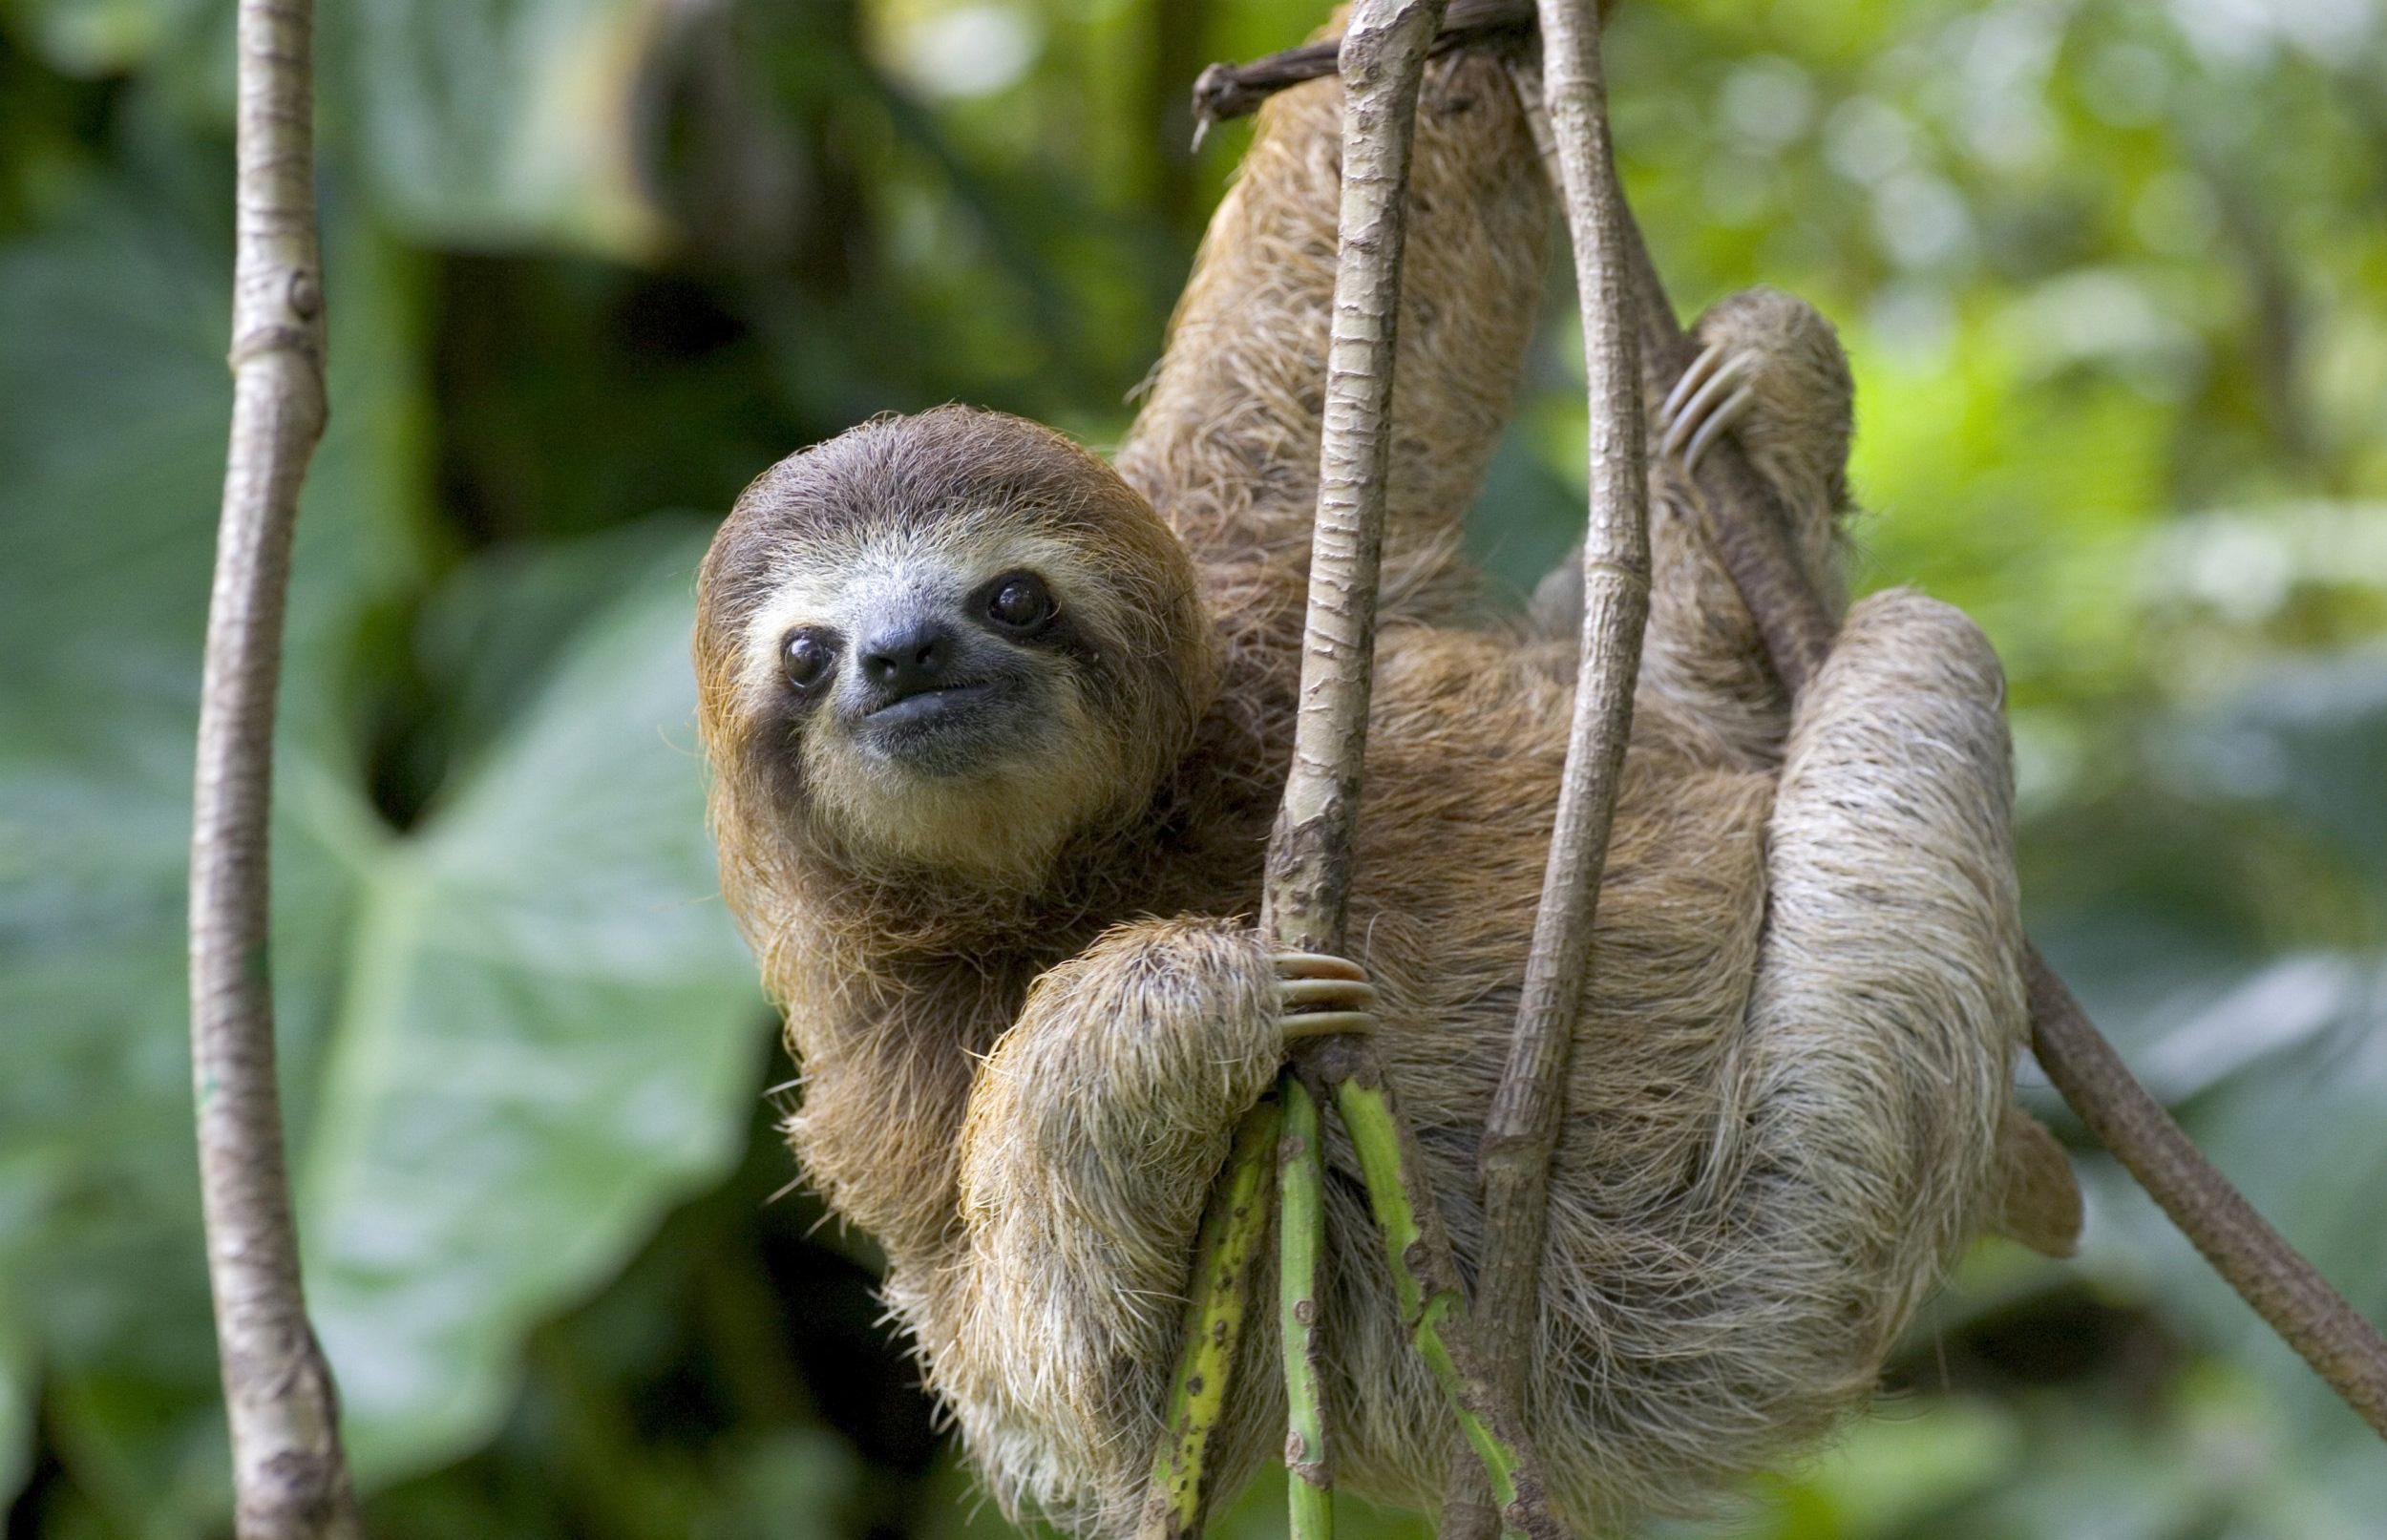 правда сиськи ленивец фото животного поставлялась упаковке, которой